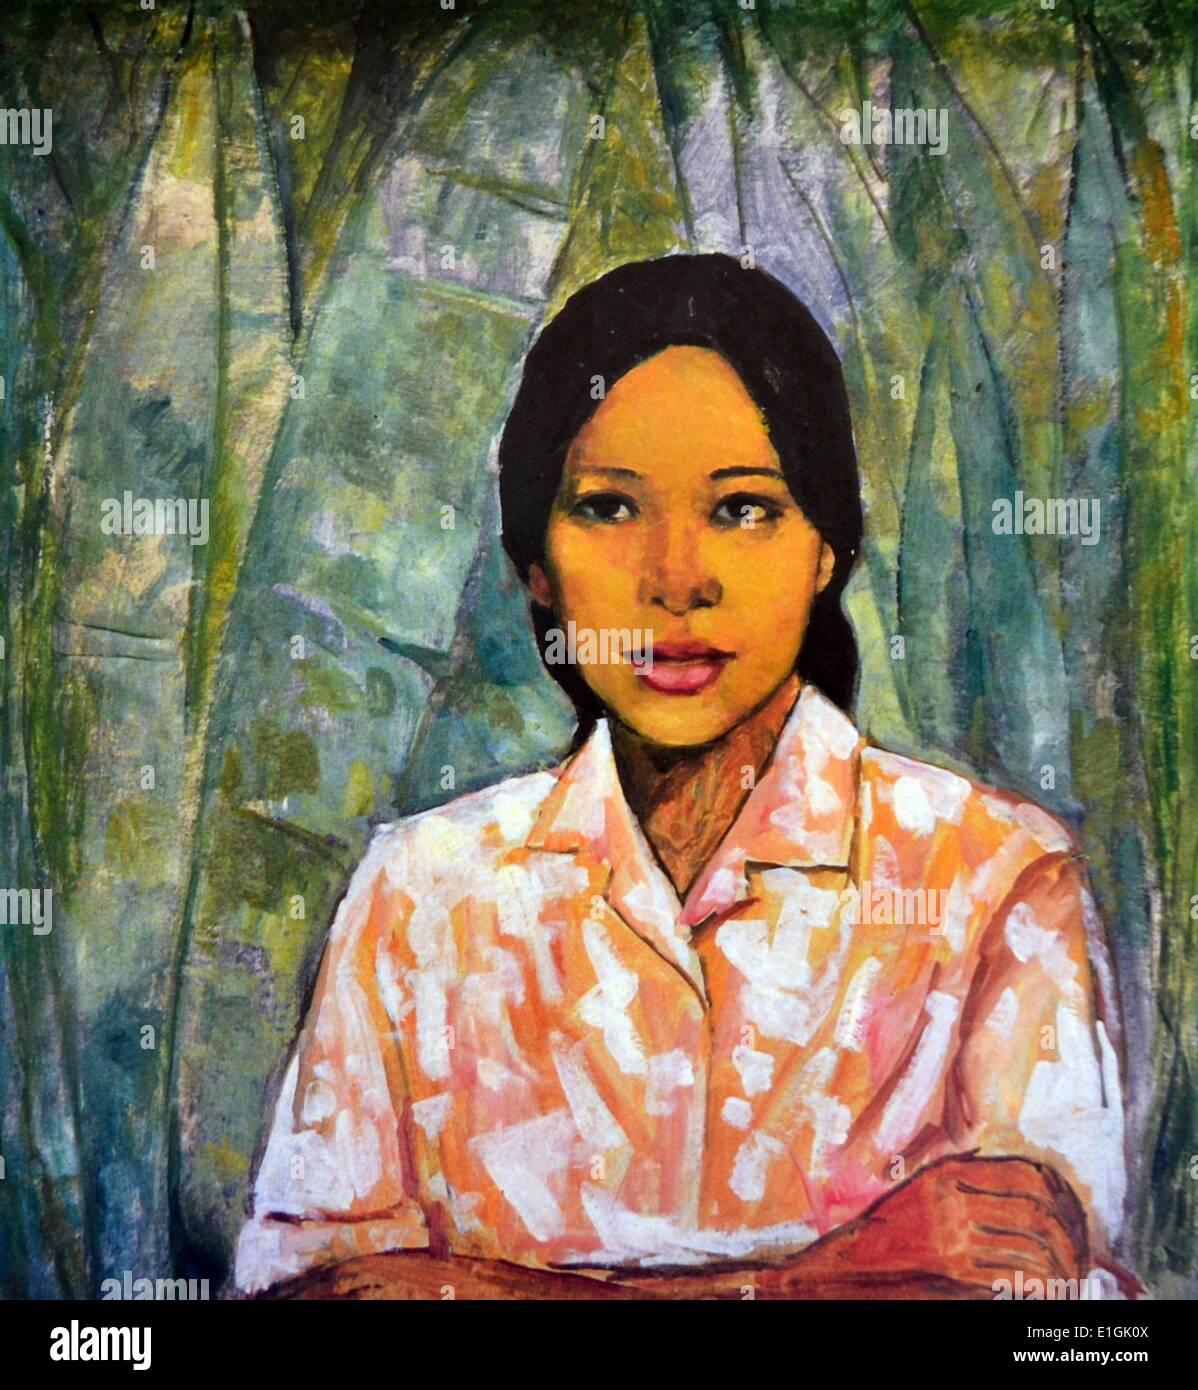 Victorio C. Edades (1895-1985), Mädchen vom Lande, ca 1960.  Öl auf Leinwand. Stockbild